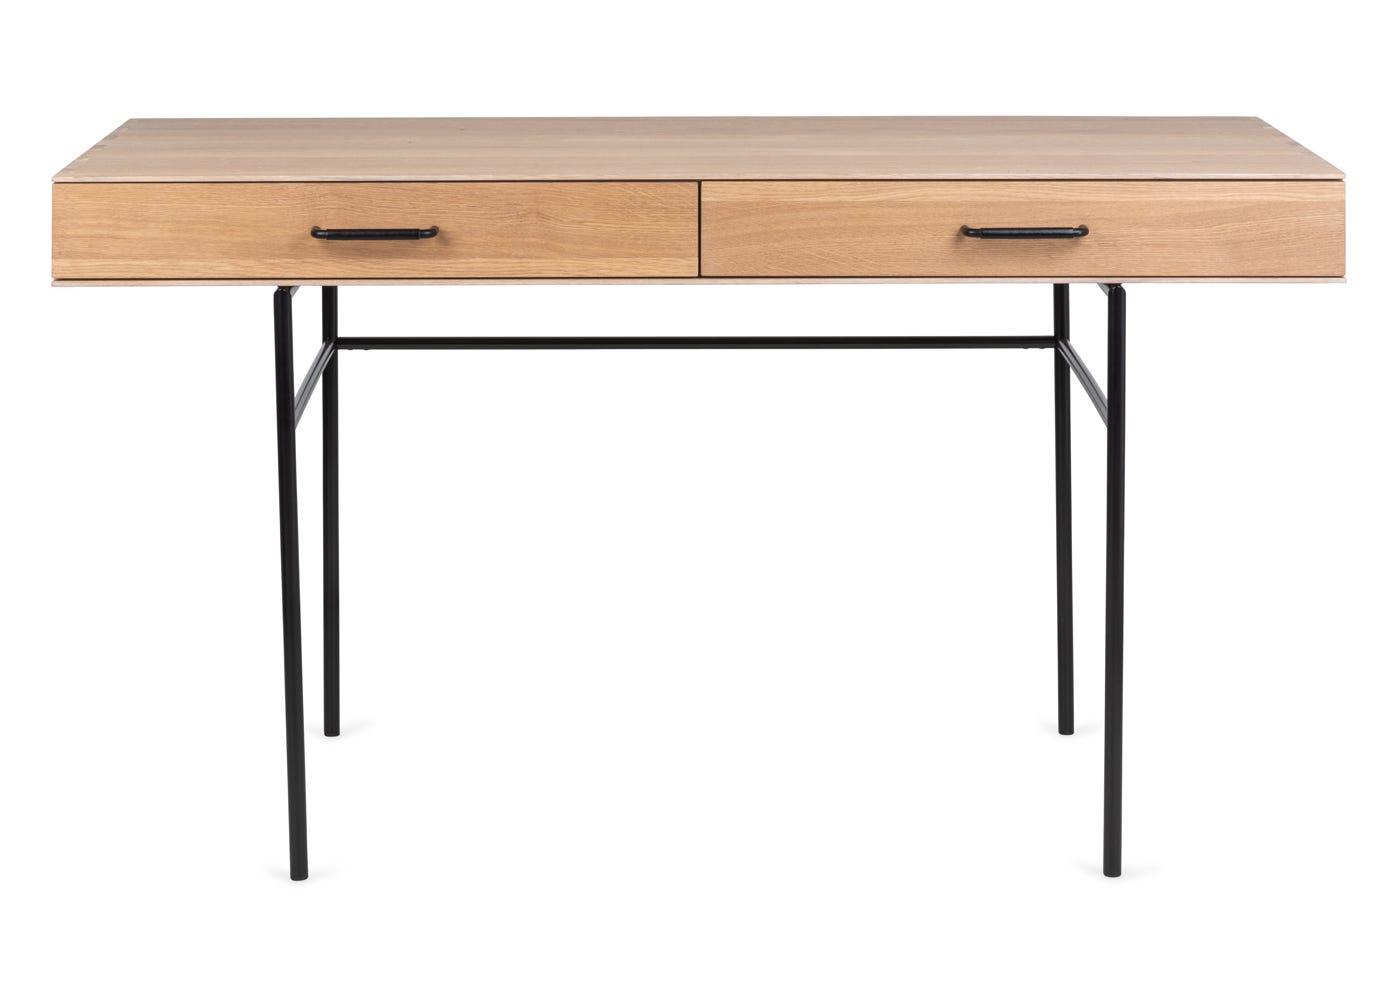 Marano desk - Front profile.